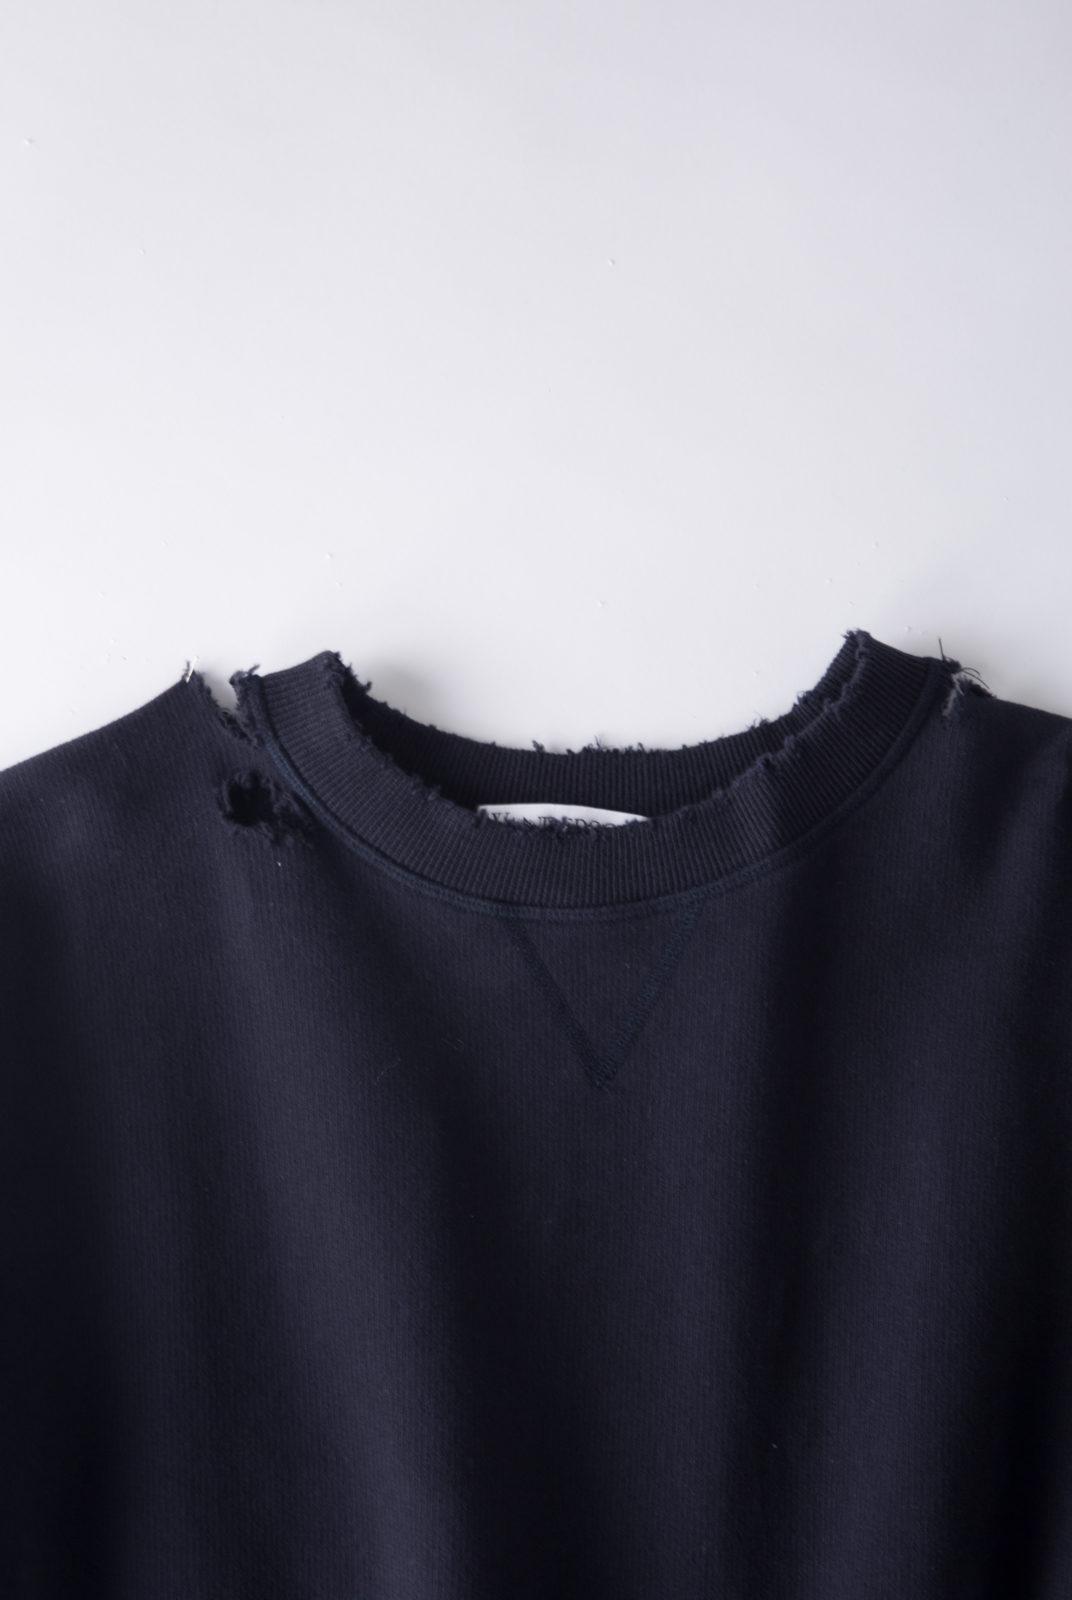 Robe sweat, bleu marine et marron, lurex, encolure ronde, manches longues, JWAnderson